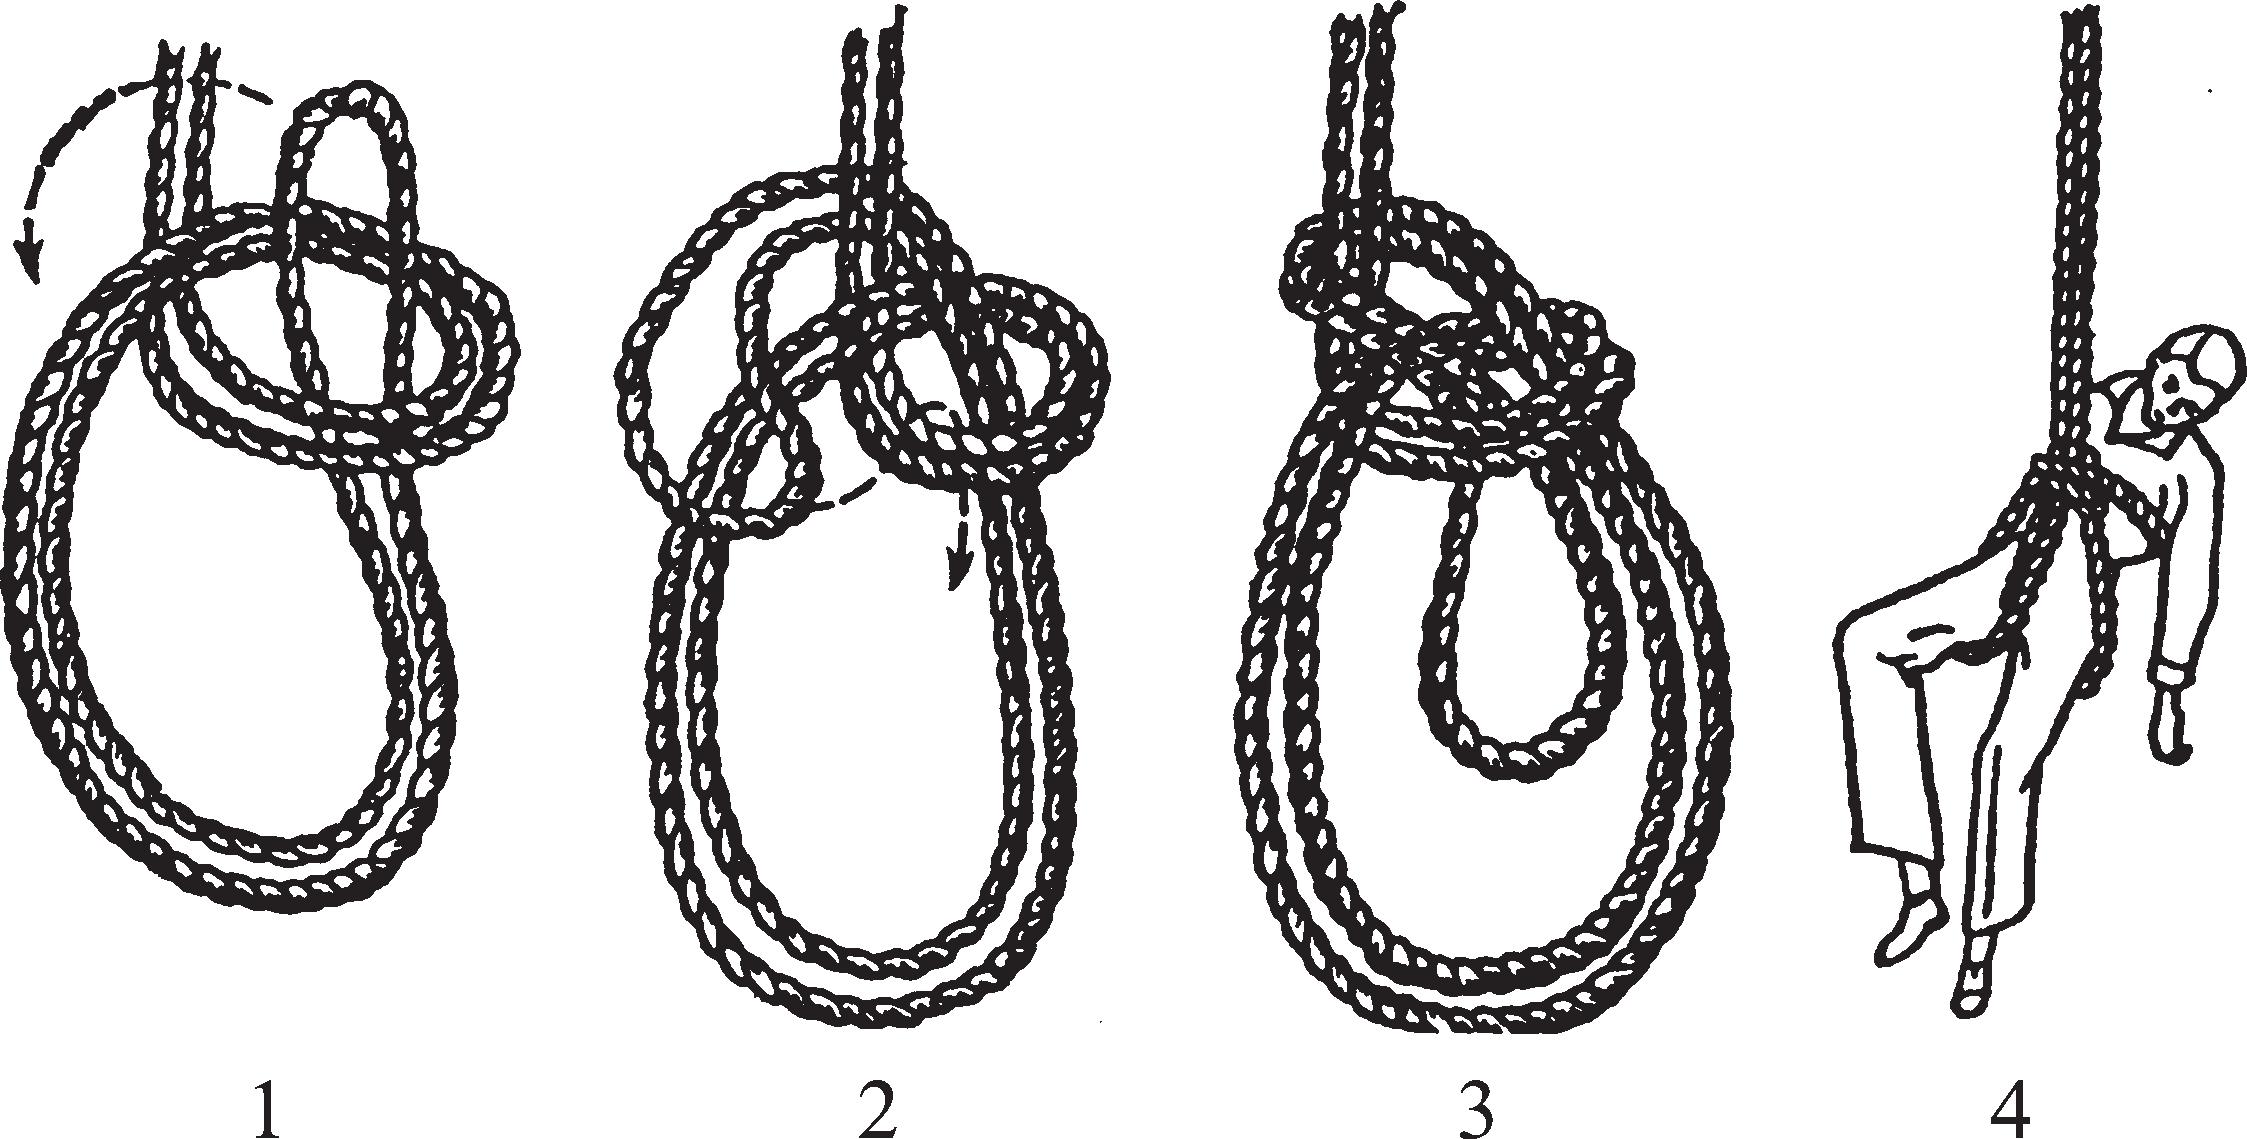 Тройной морской спасательный узел